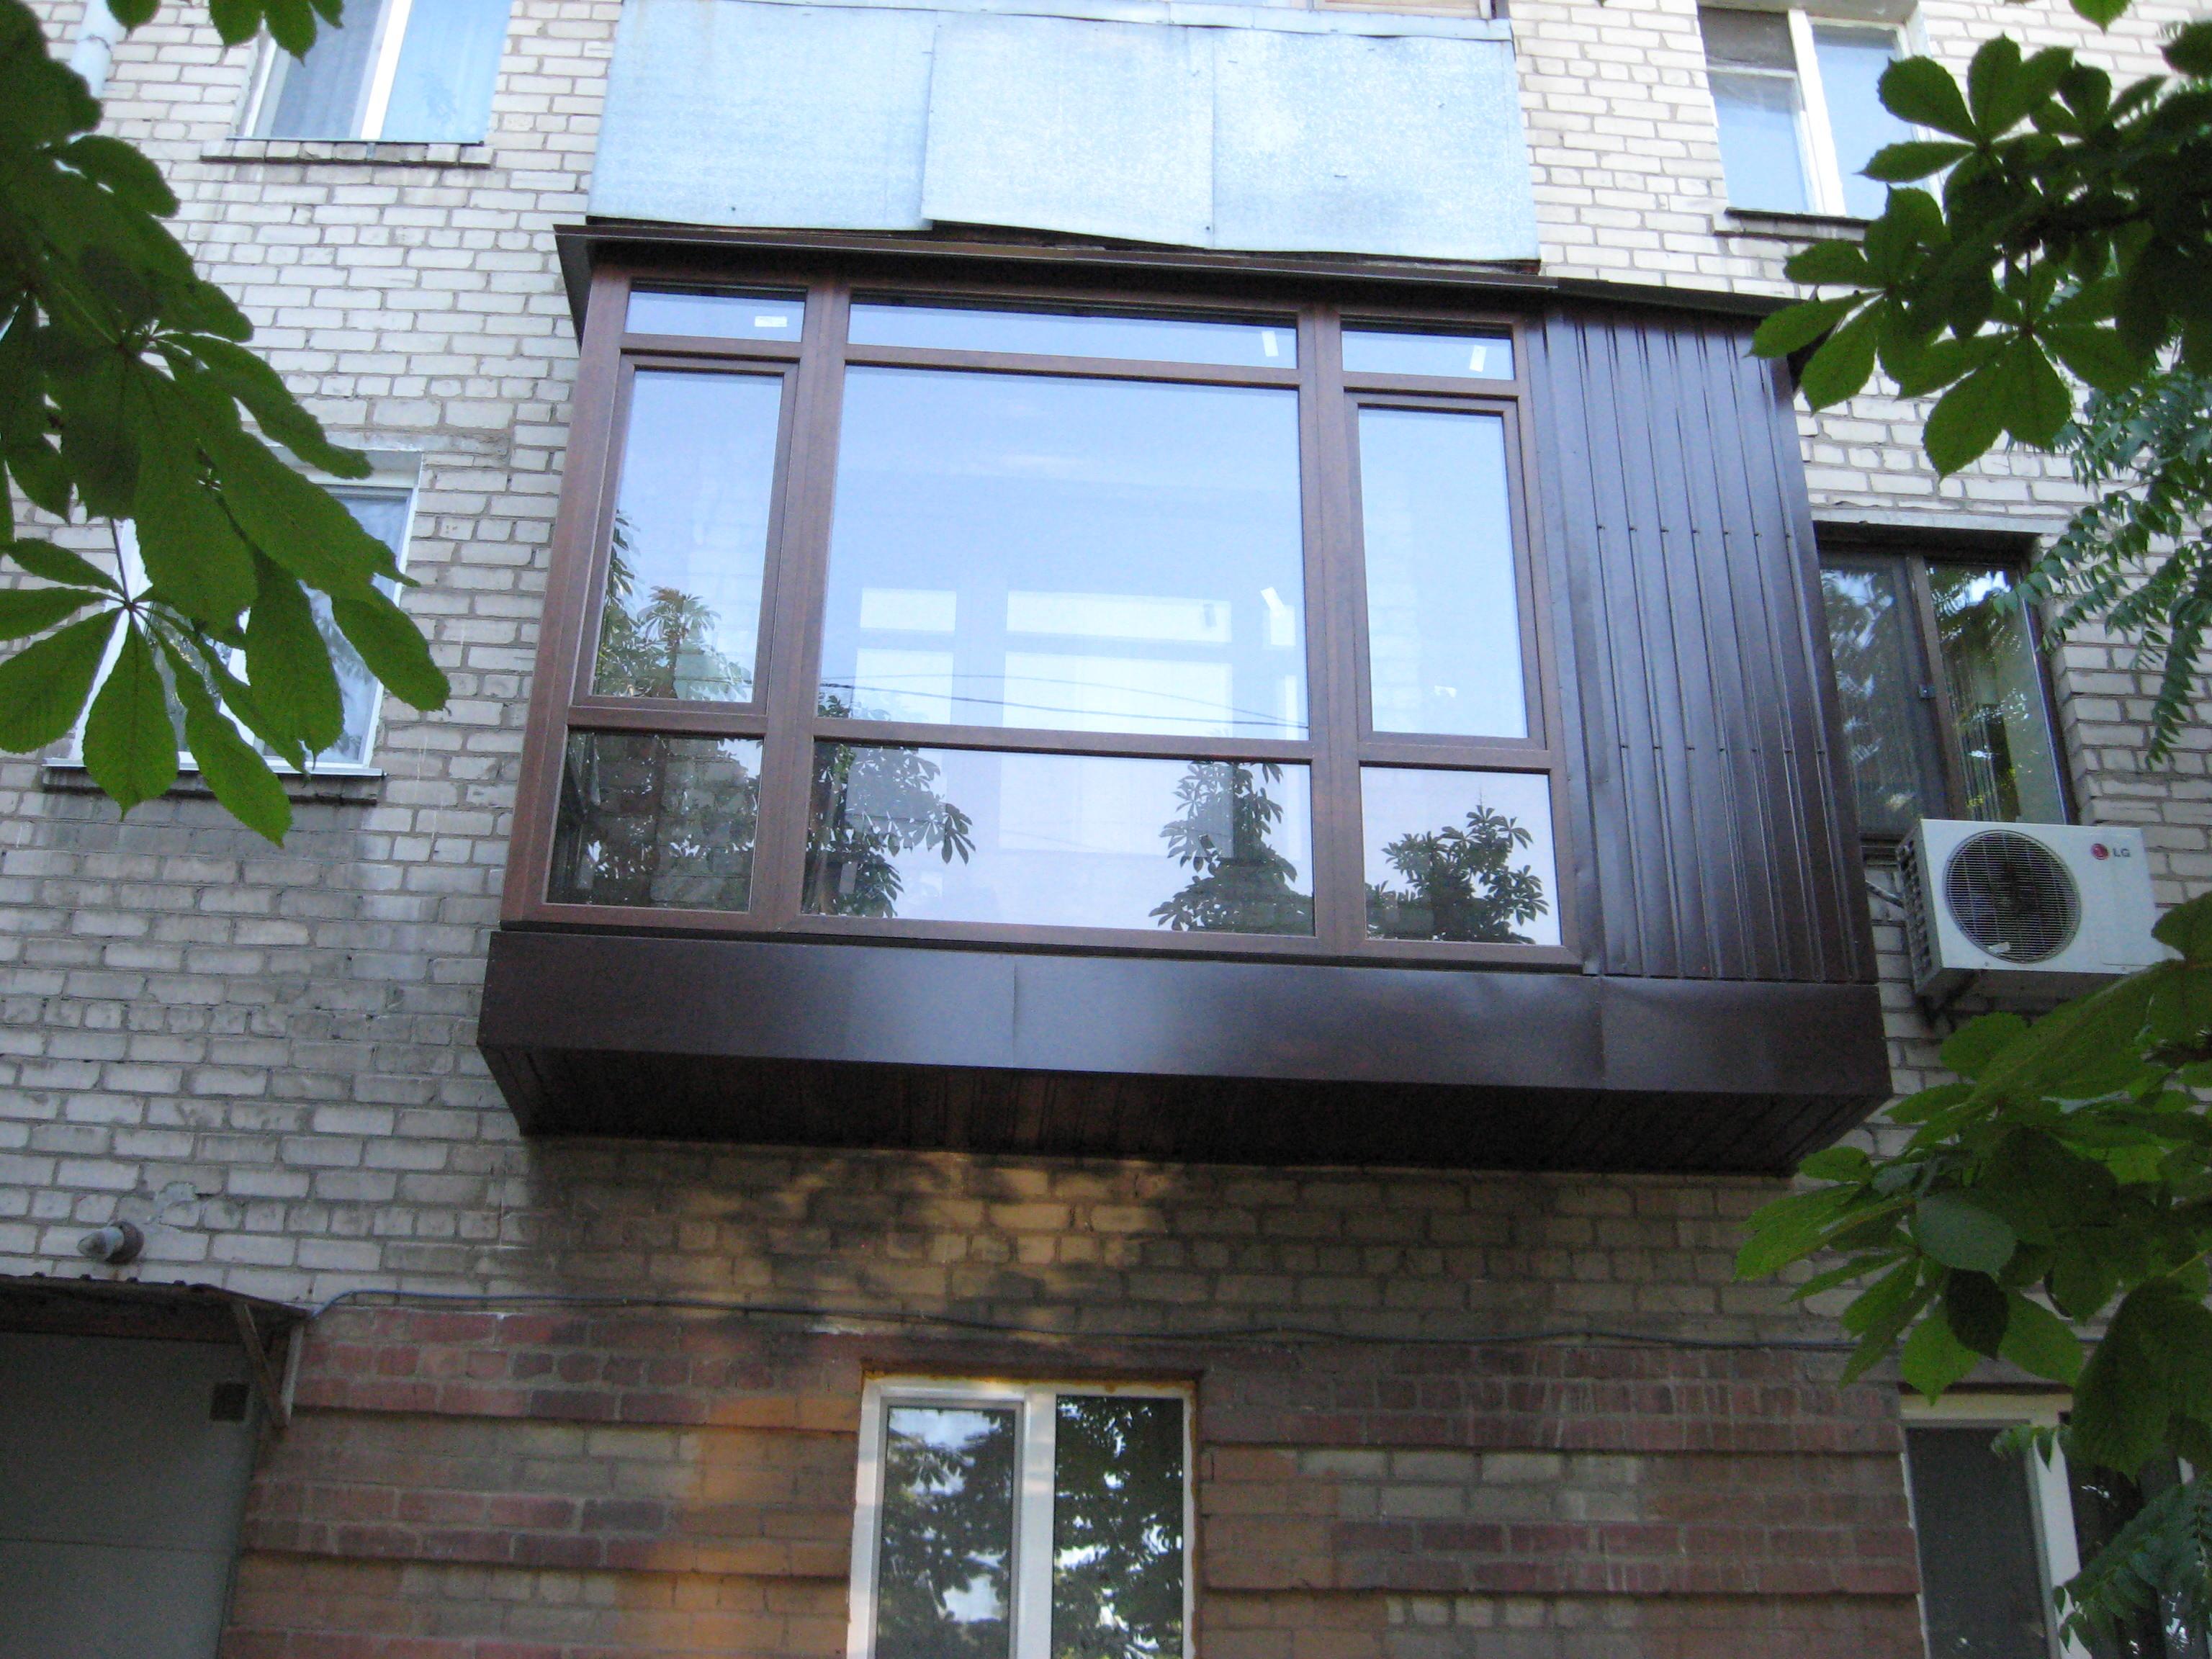 Окна rehau днепропетровск, окна ютко, металлопластиковые окн.